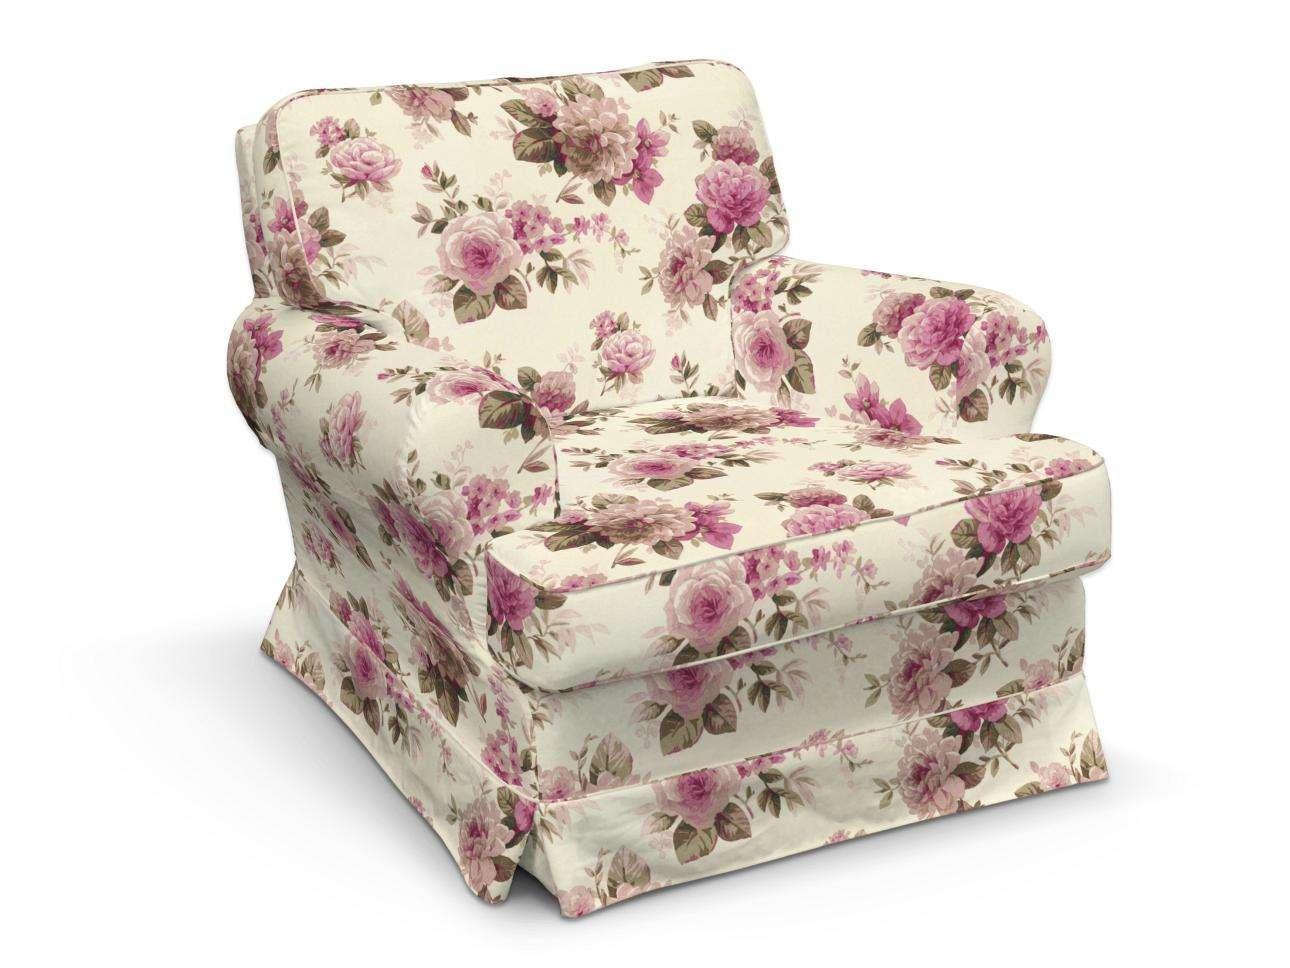 Barkaby fotelio užvalkalas Barkaby fotelio užvalkalas kolekcijoje Mirella, audinys: 141-07